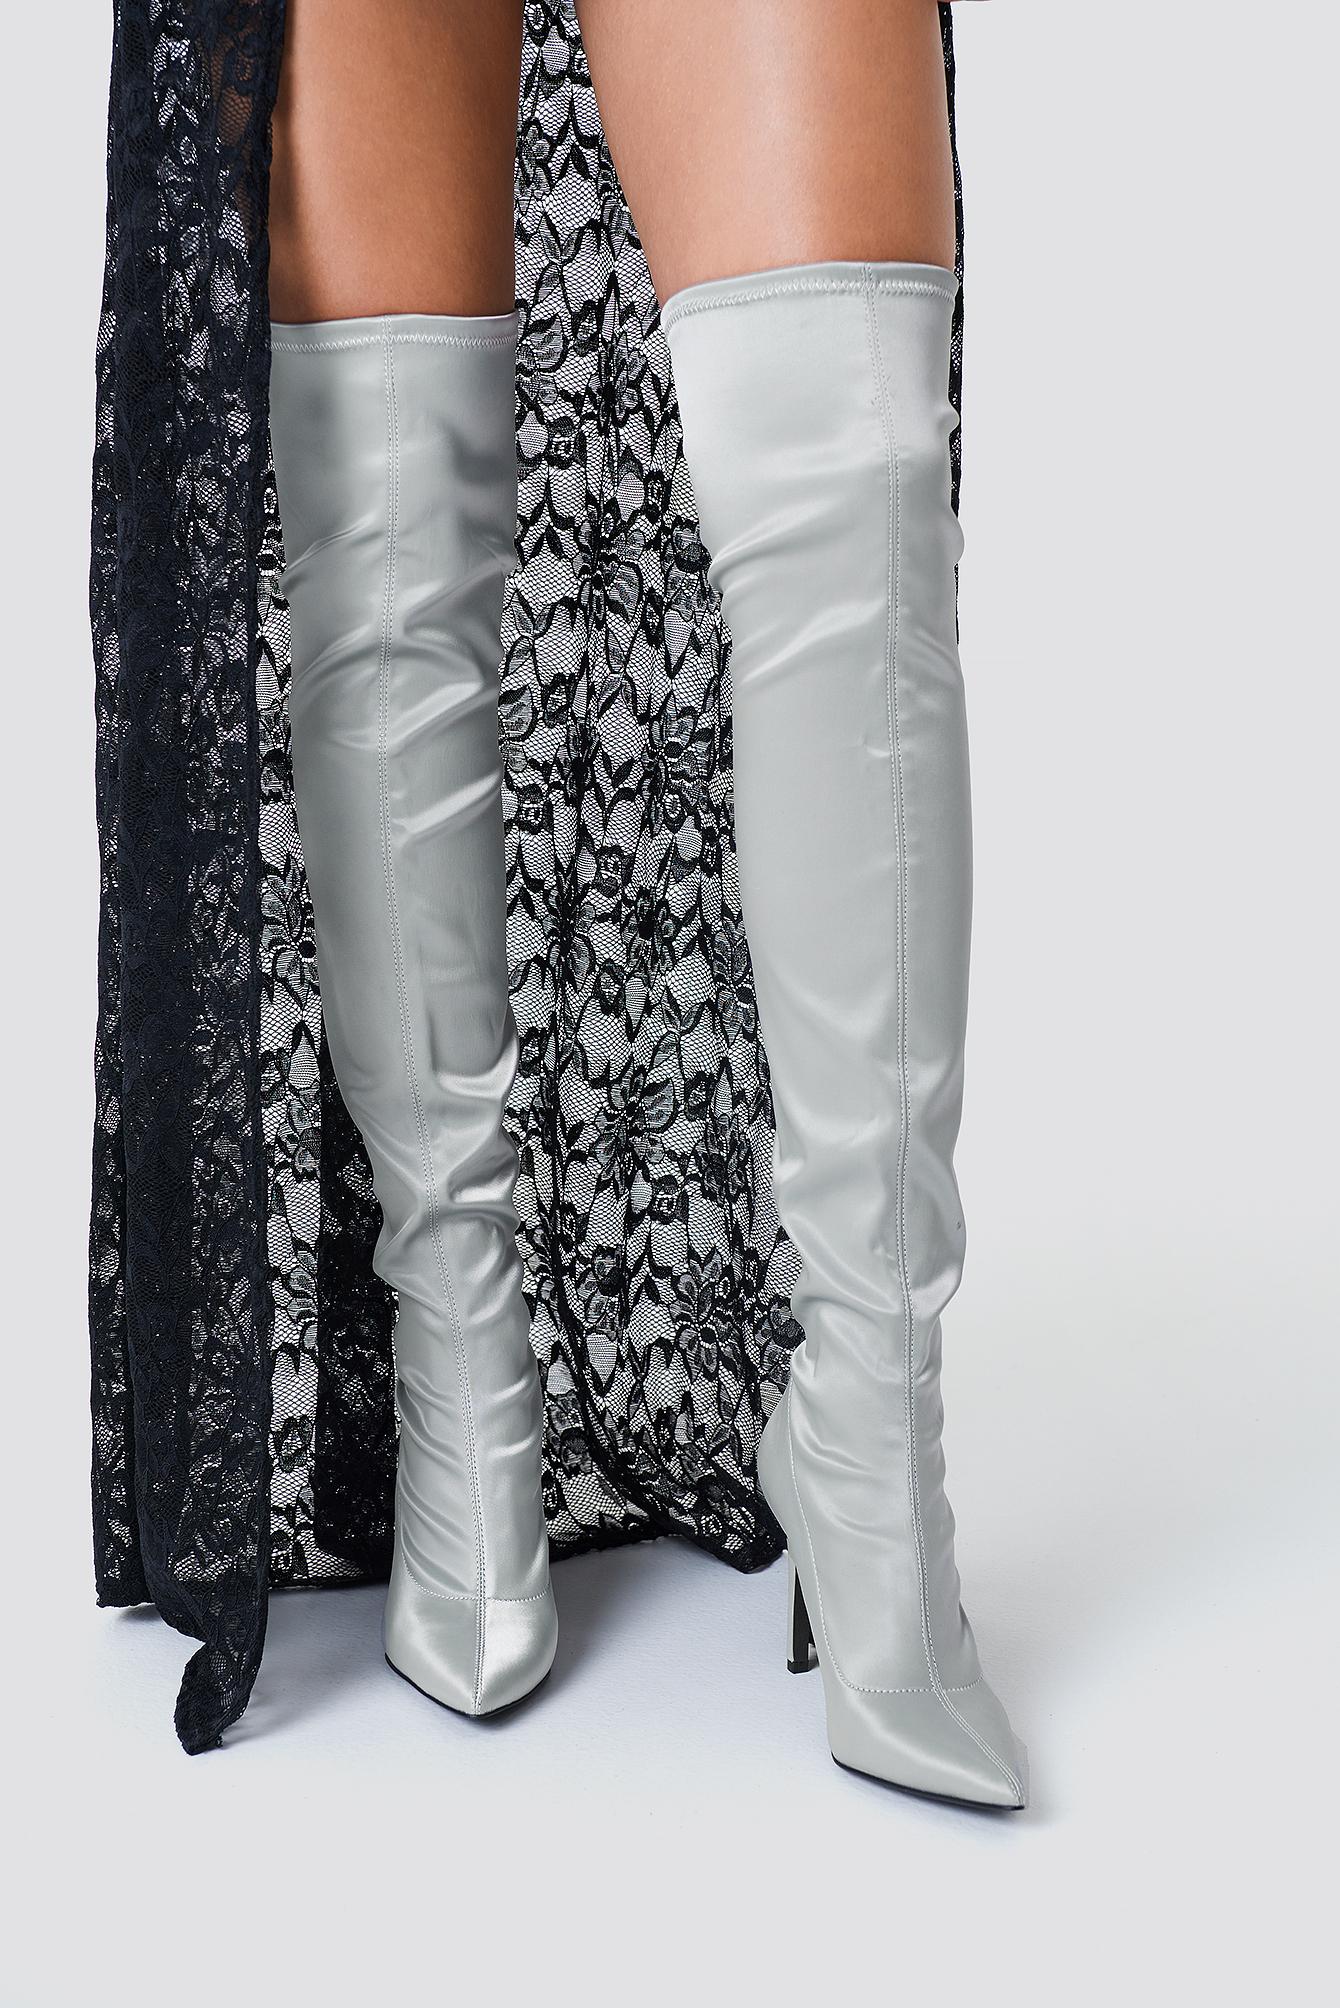 sahara ray x na-kd -  Satin Overknee Boots - Silver